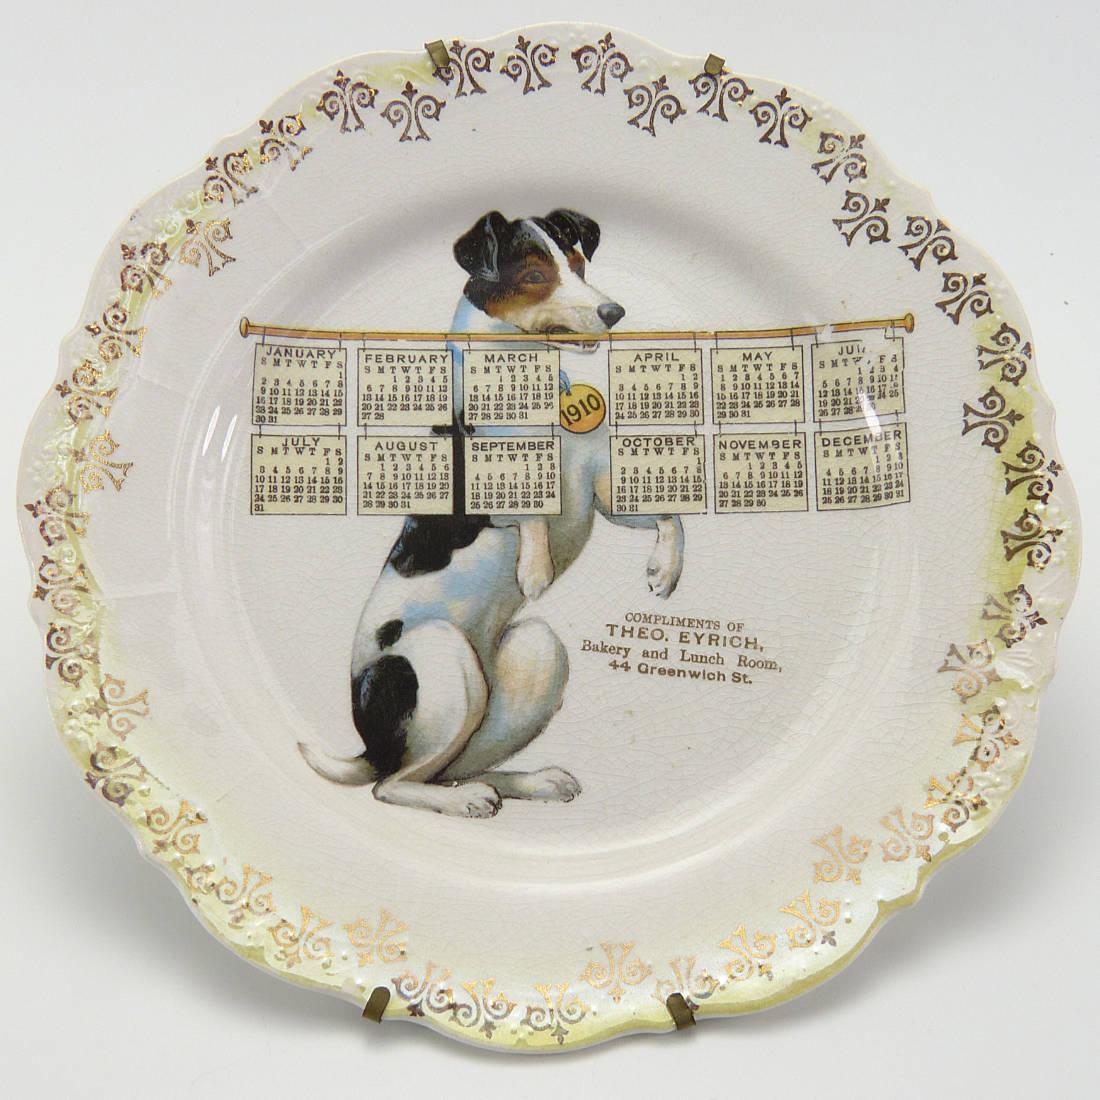 Antique Fox Terrier Advertising Calendar Plate 1910